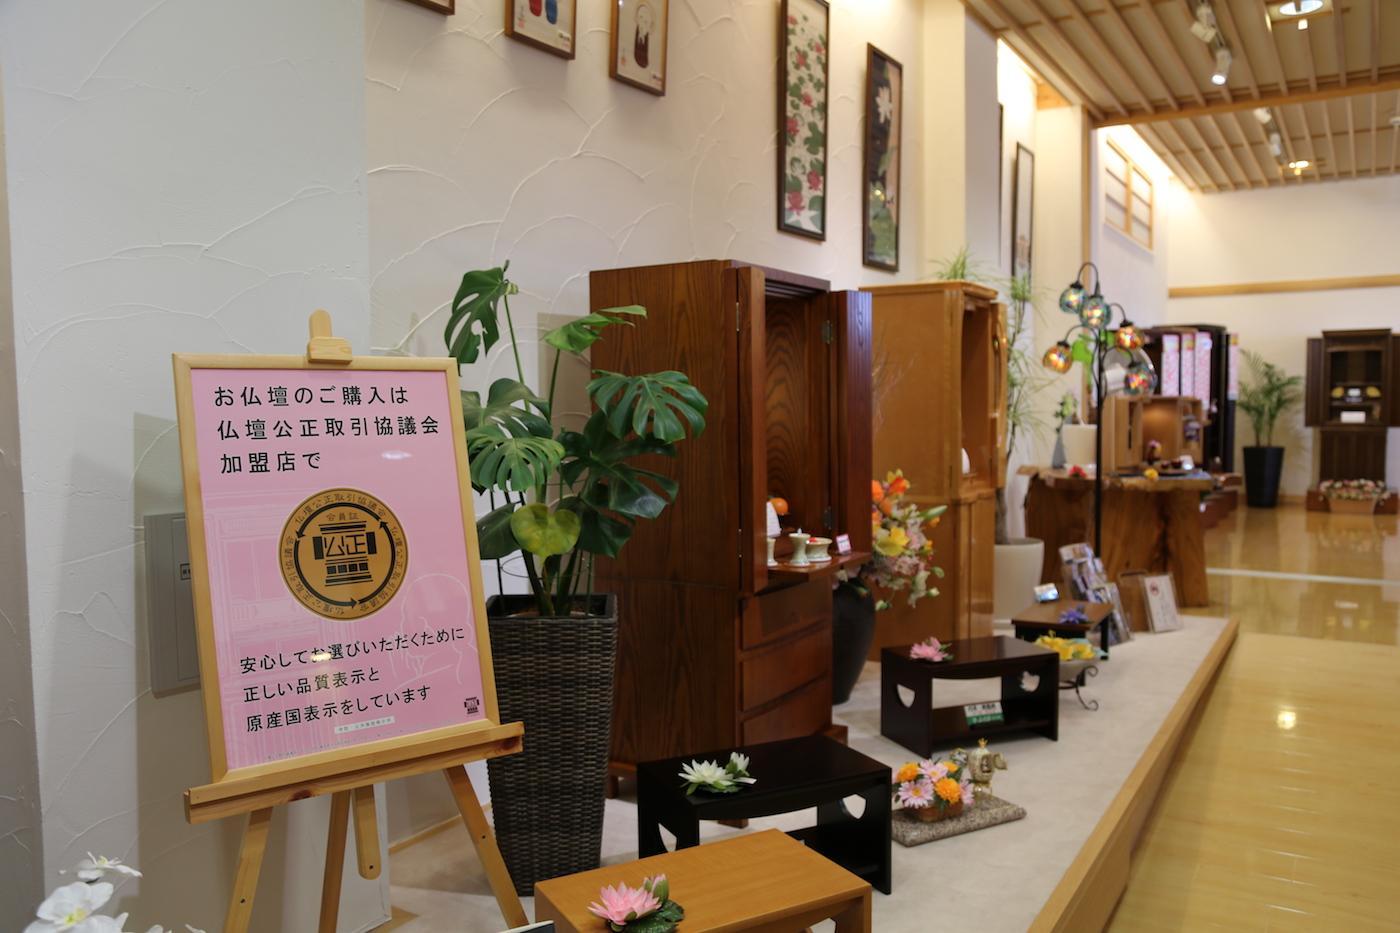 ふくば 福島 仏壇 写真ギャラリー画像35